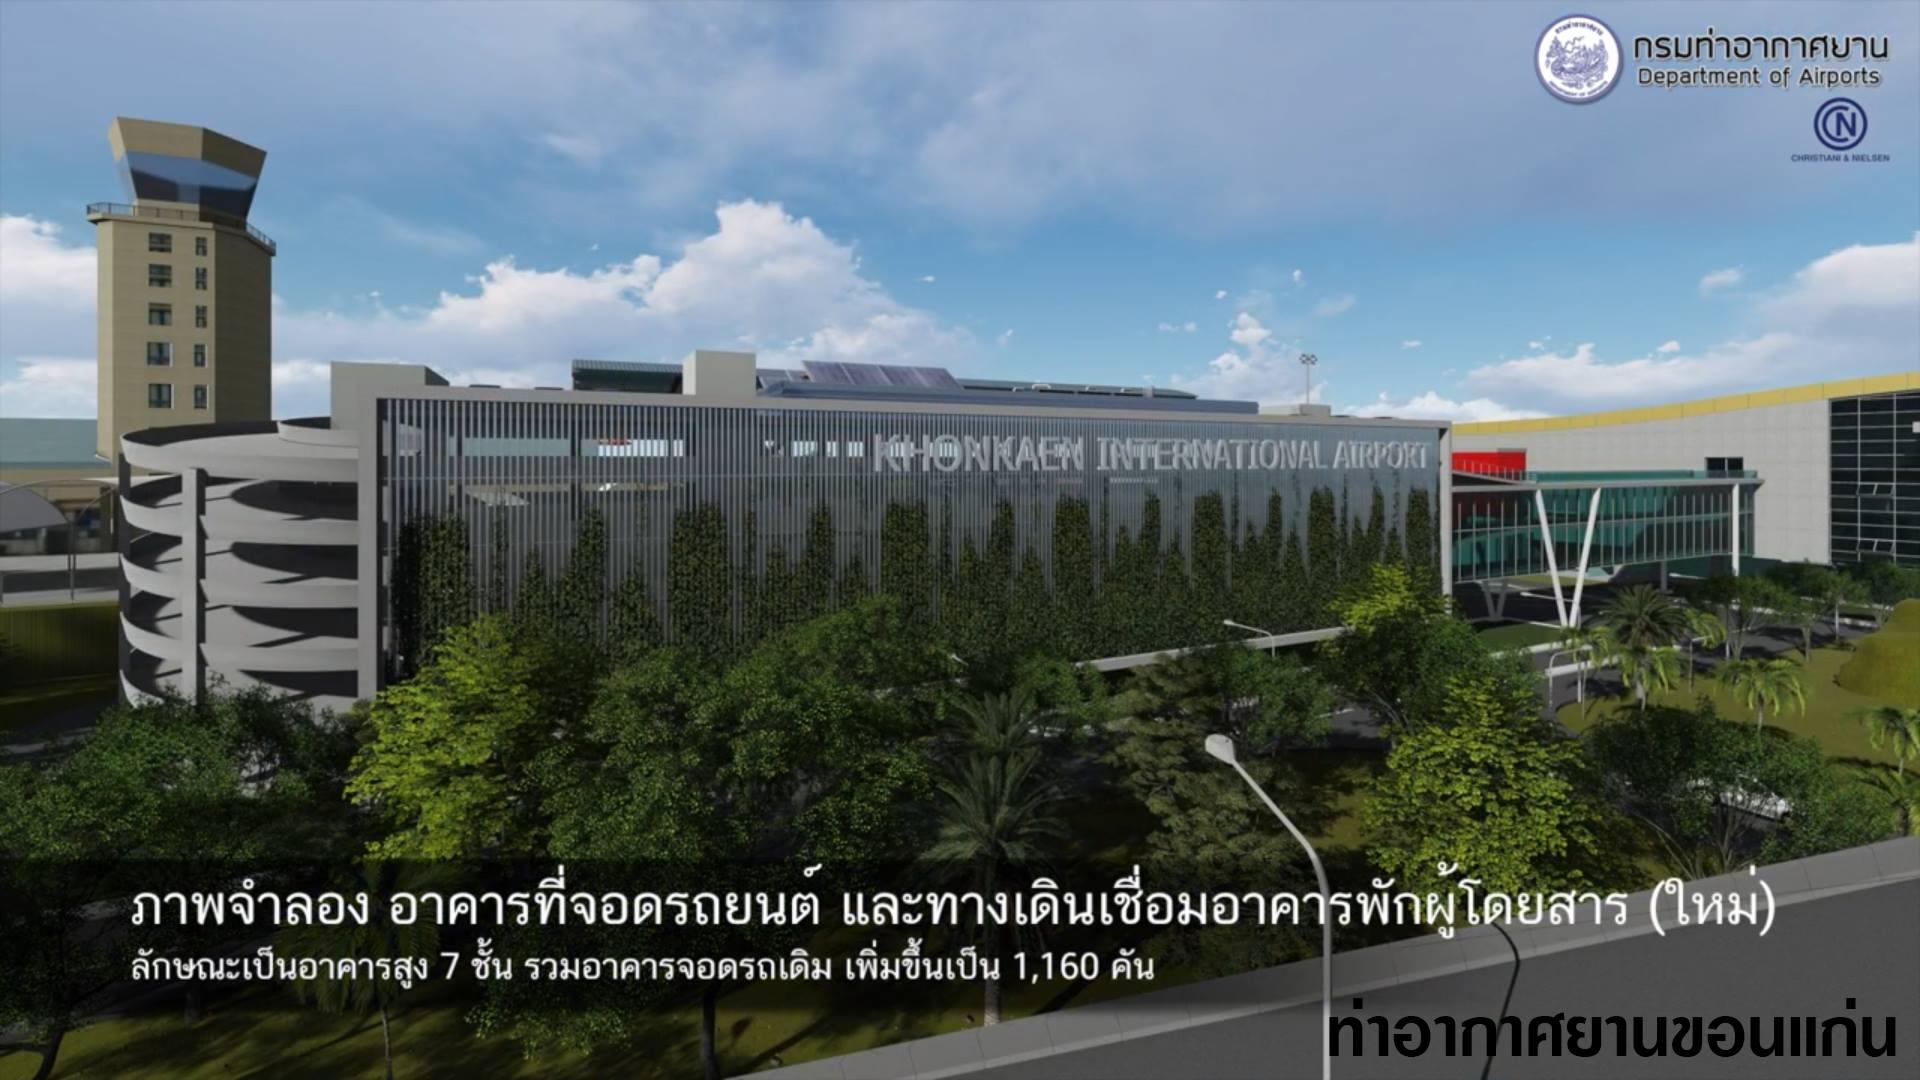 kkc-khonkaen-airport-expansion-10 – RENDER THAILAND